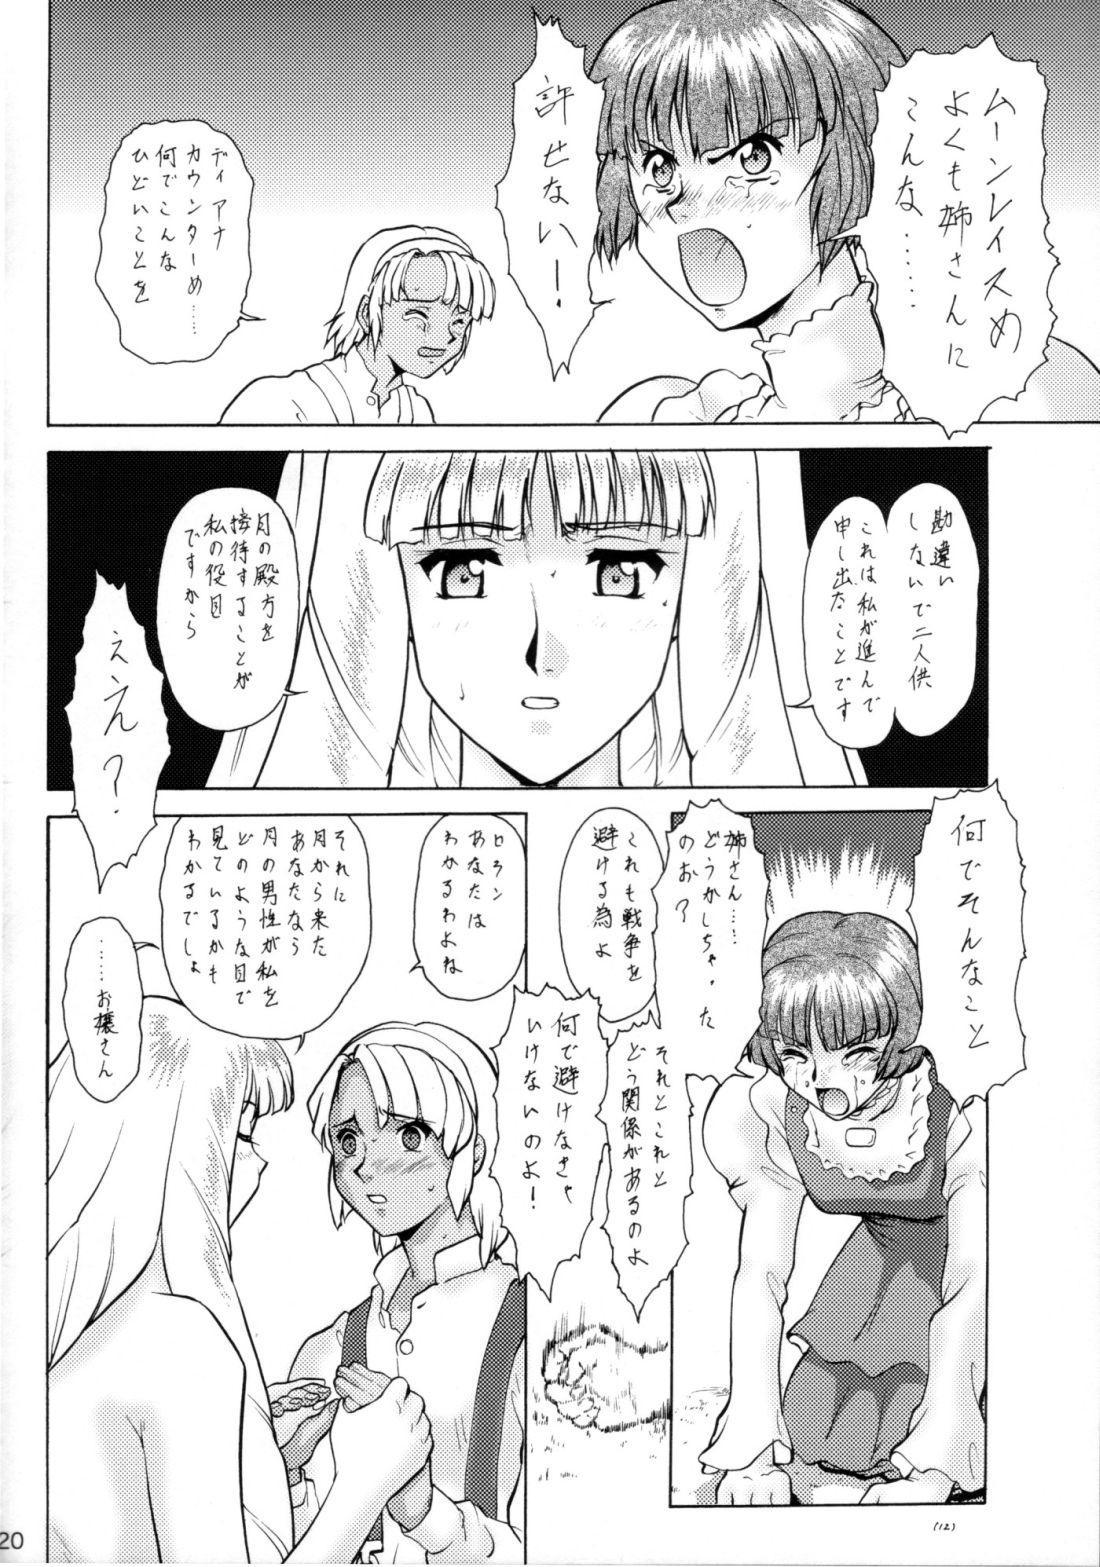 Umedamangashuu 12 Shito 18